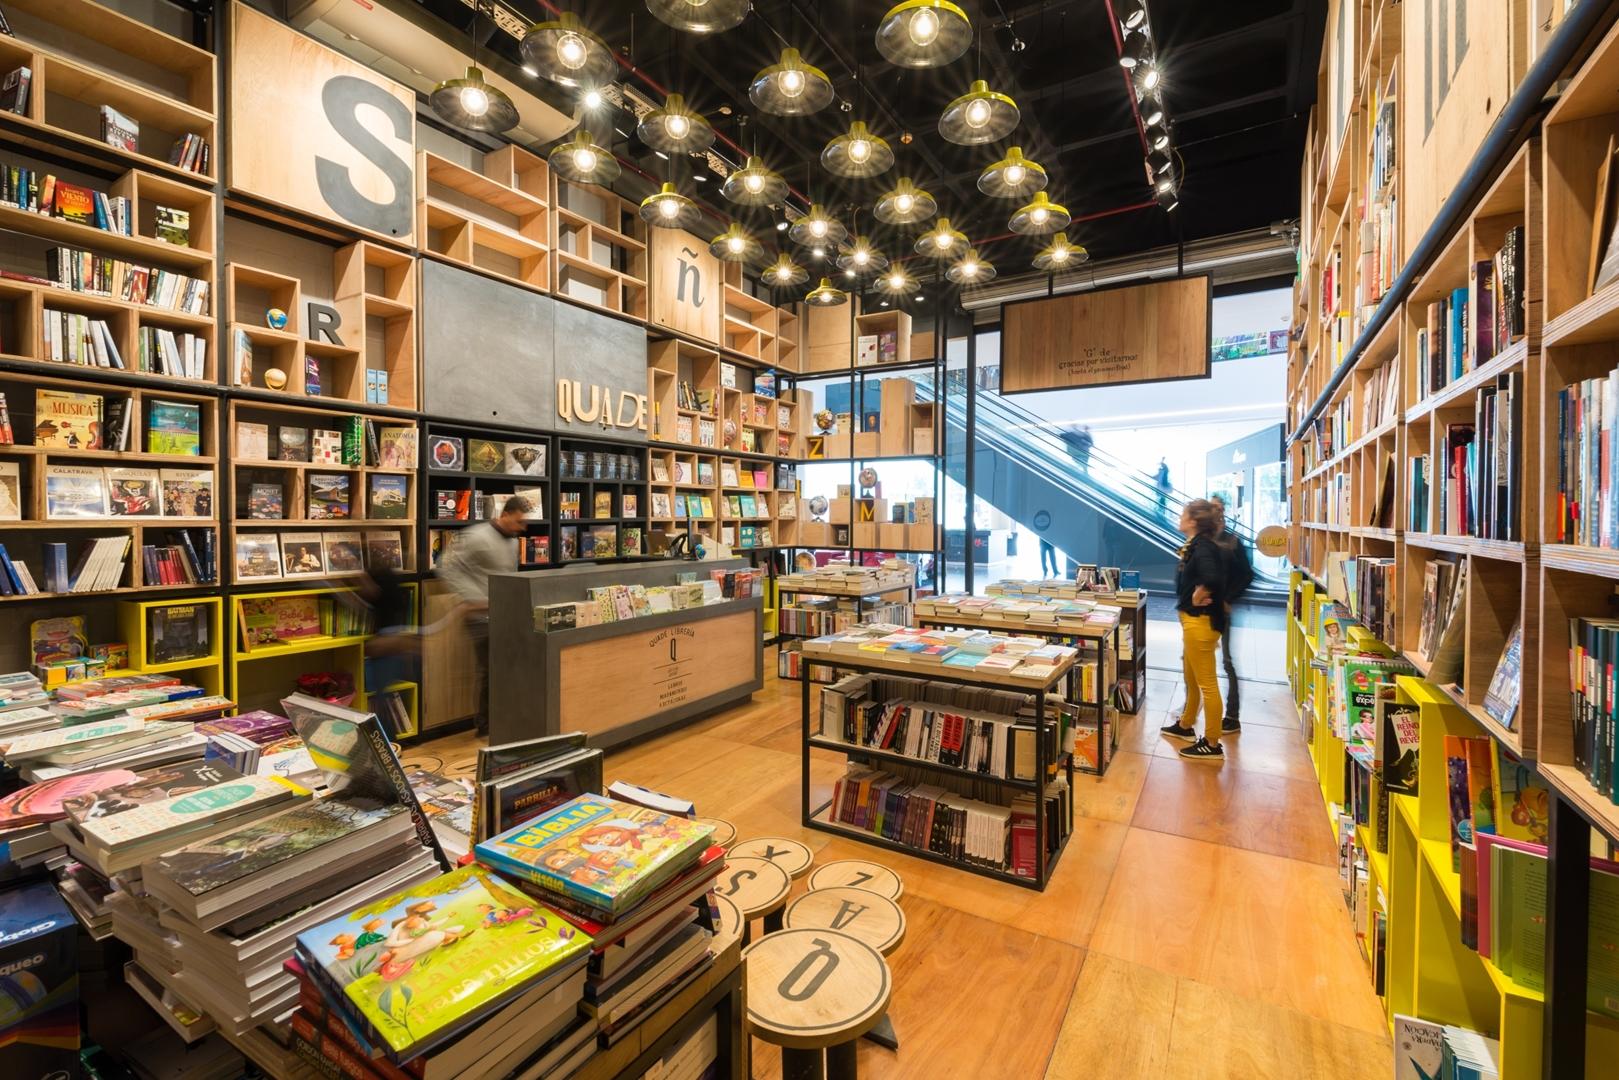 230517  -  Libreria Quade ph G Viramonte-9635 (Copy)